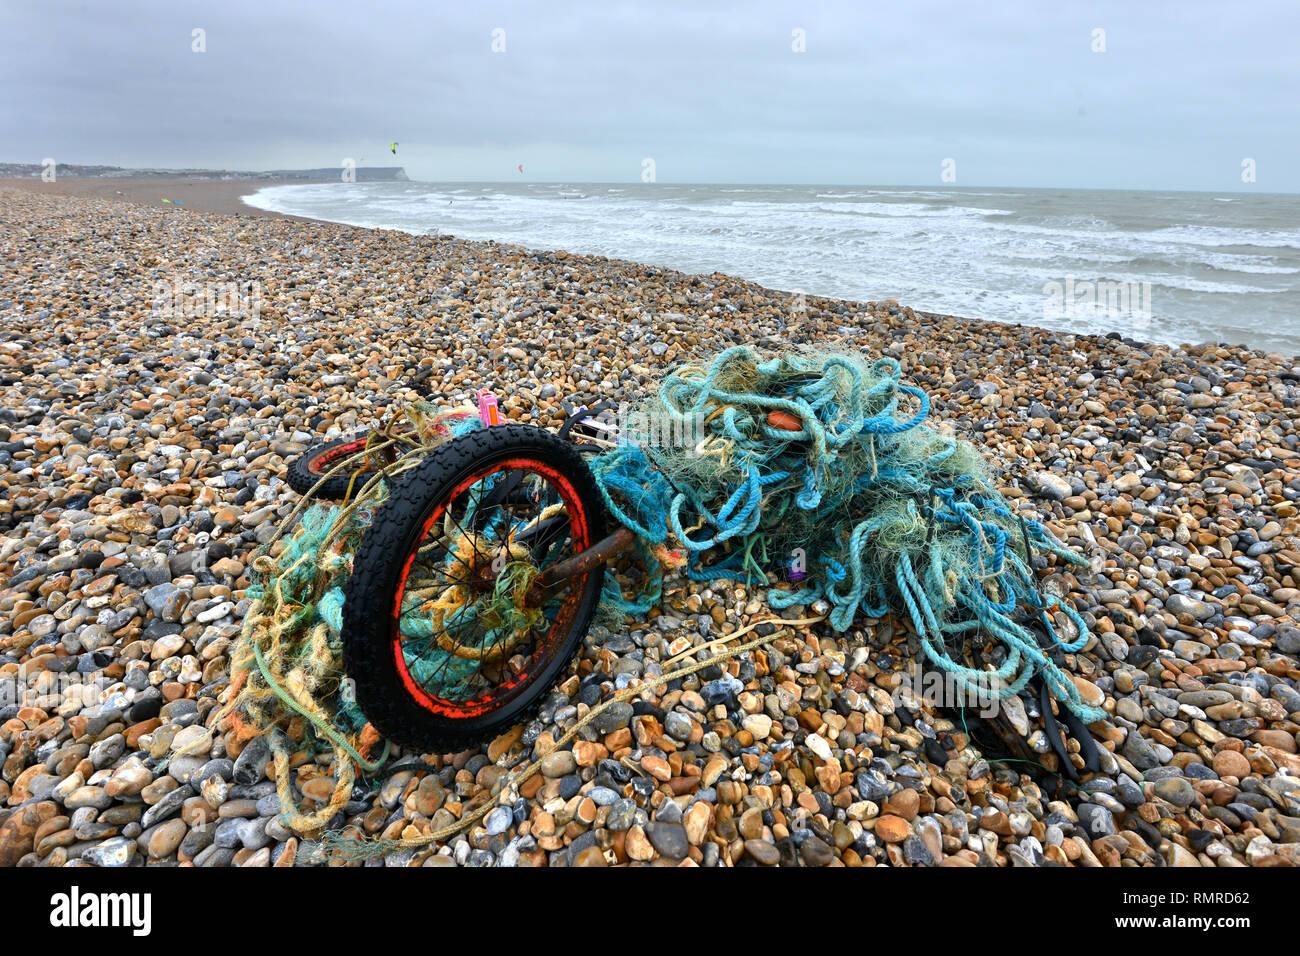 Vieux vélo emmêlé dans un filet de pêche en plastique, abandonné sur une plage, East Sussex, UK Photo Stock